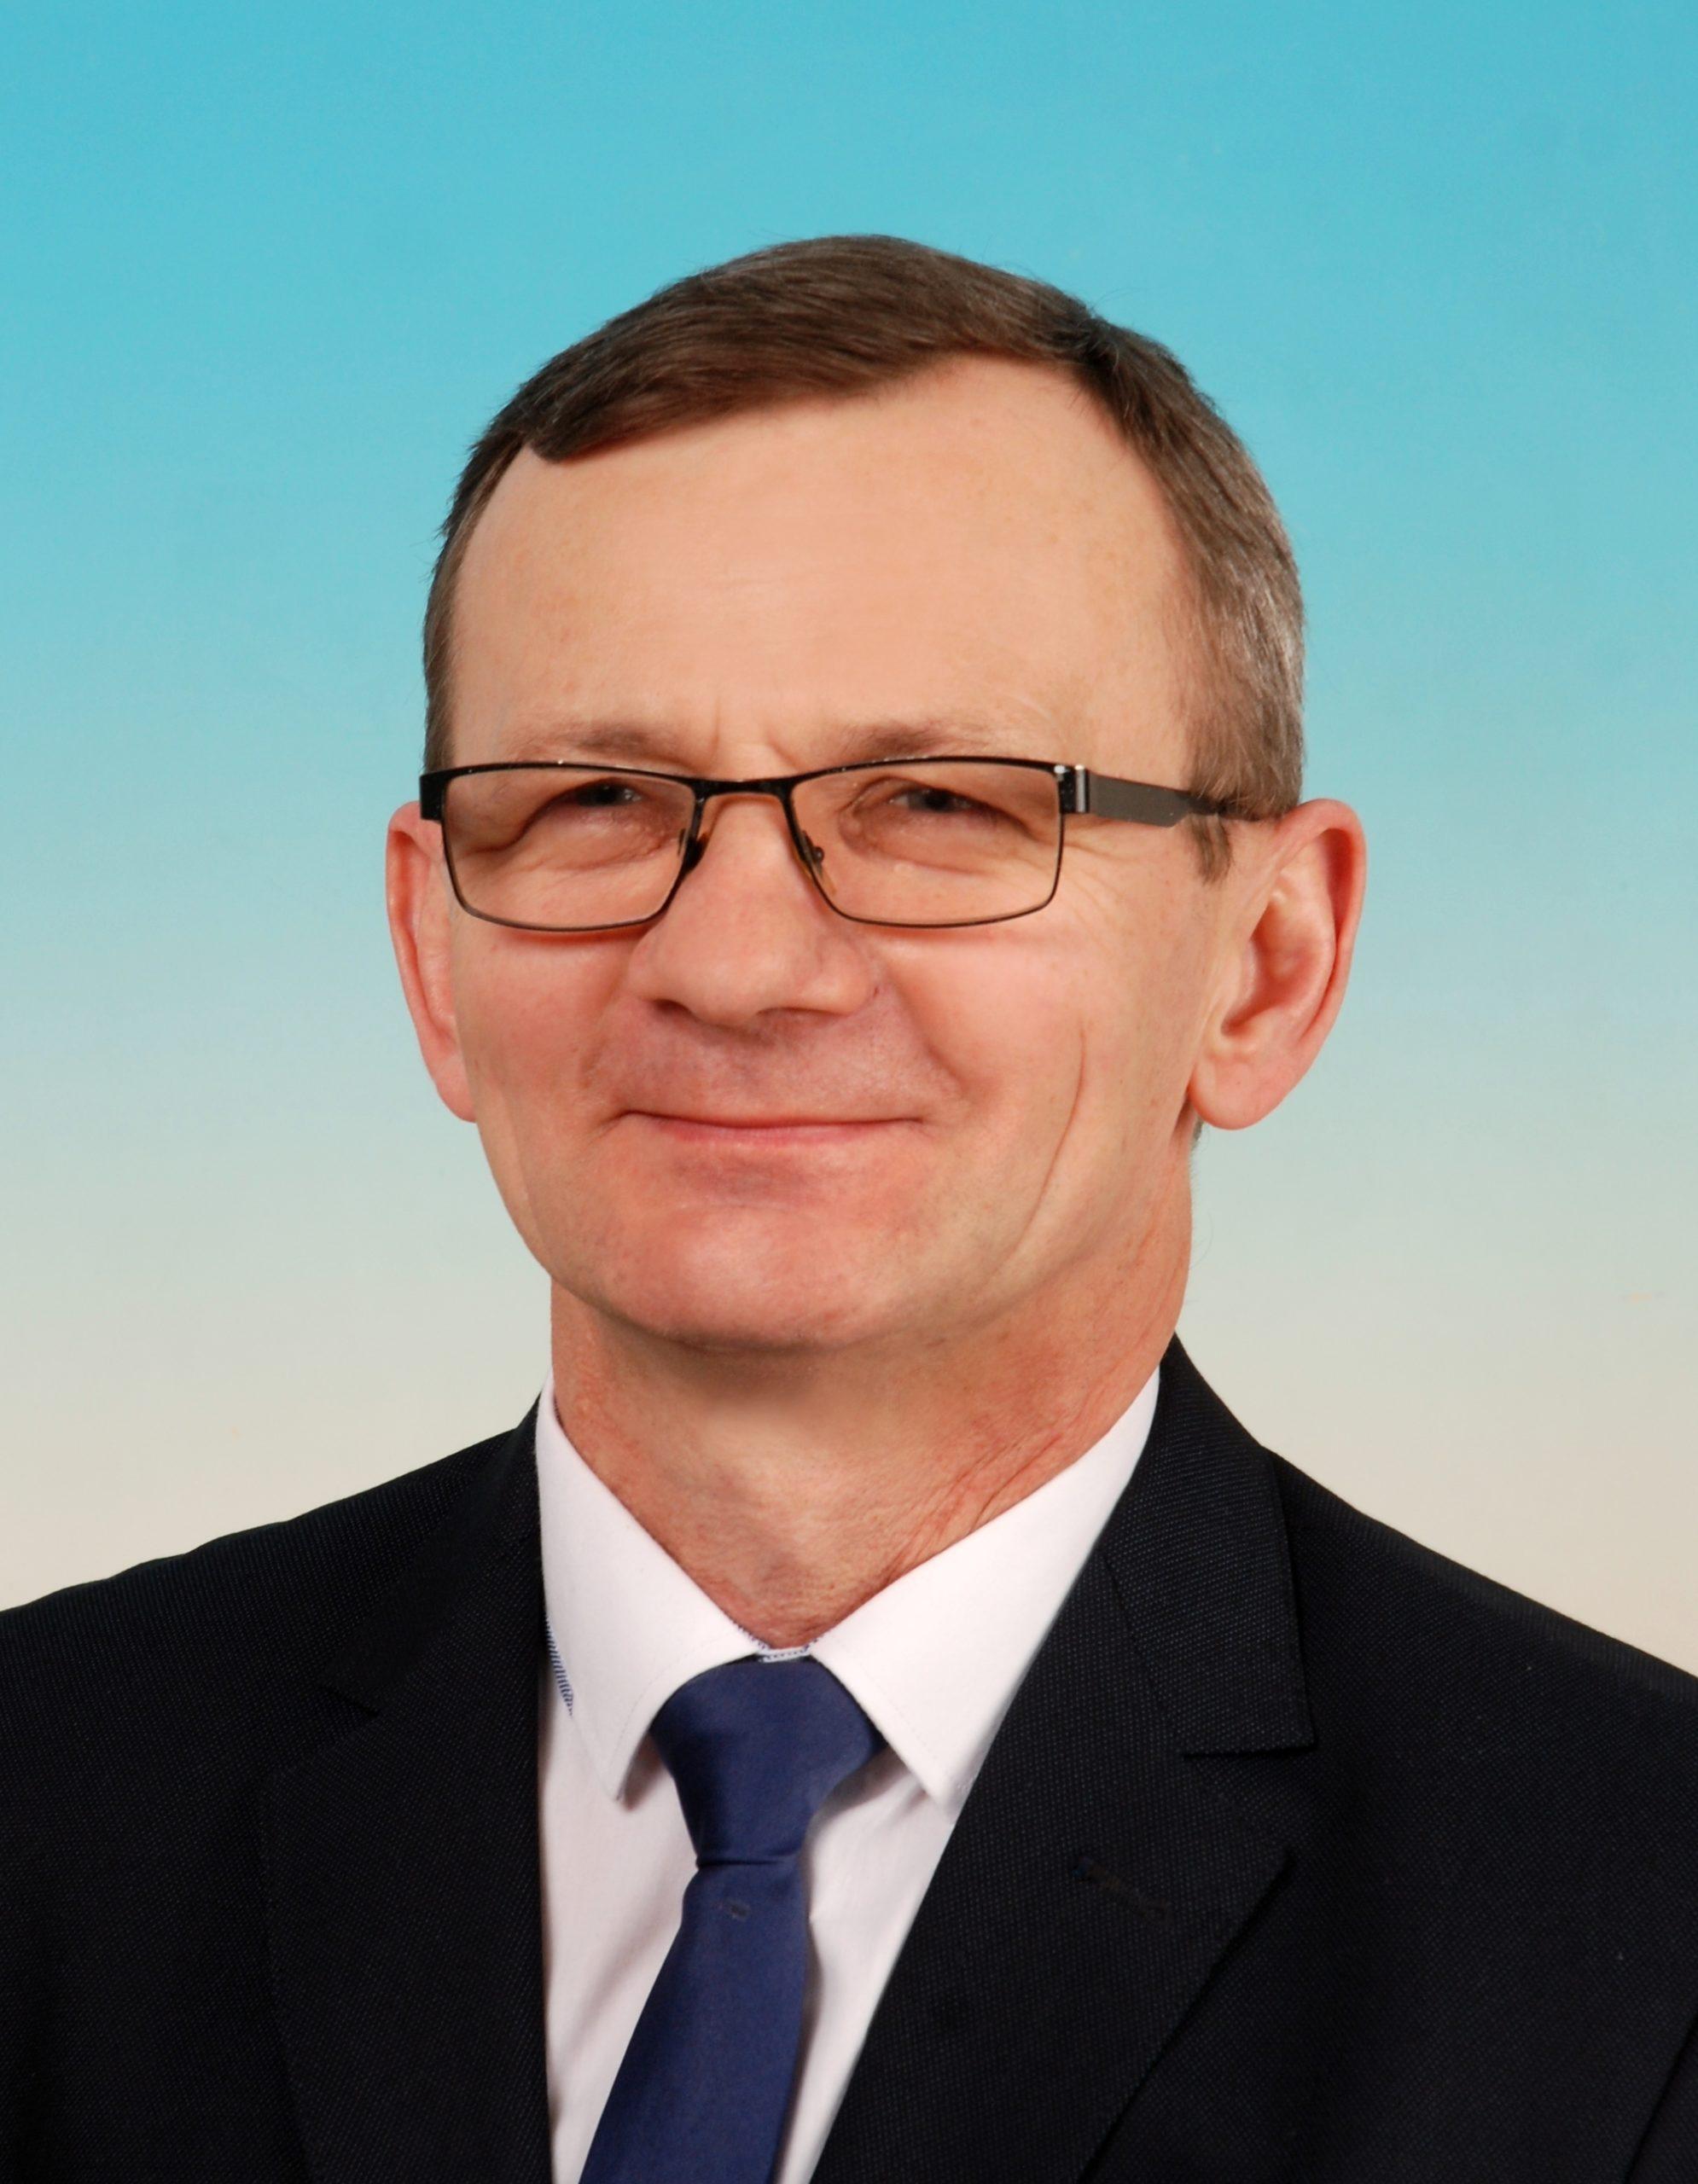 Janusz Groszczyk